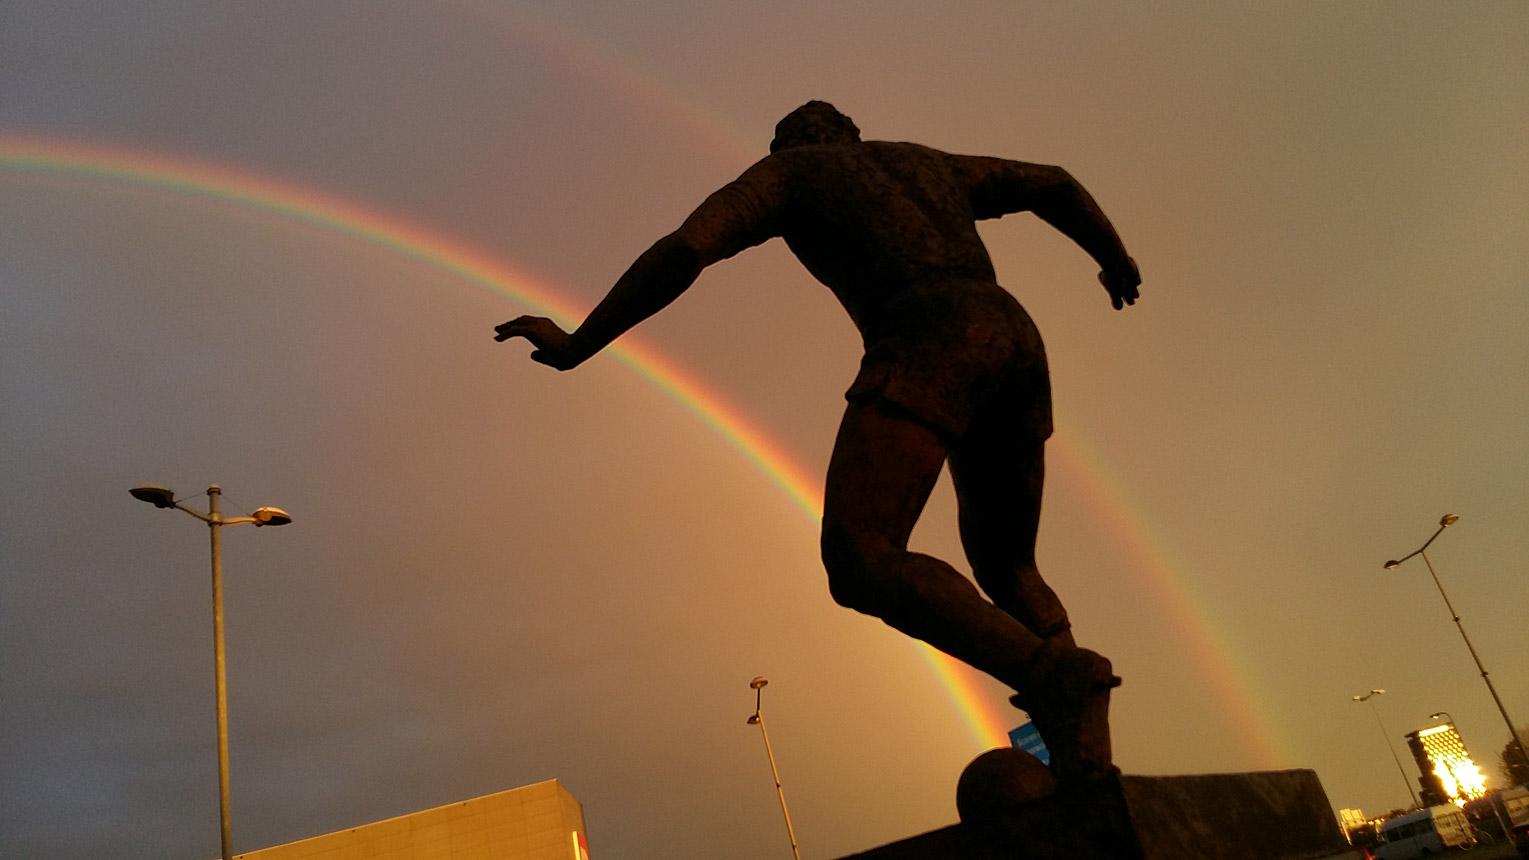 straatfotografie-regenboog